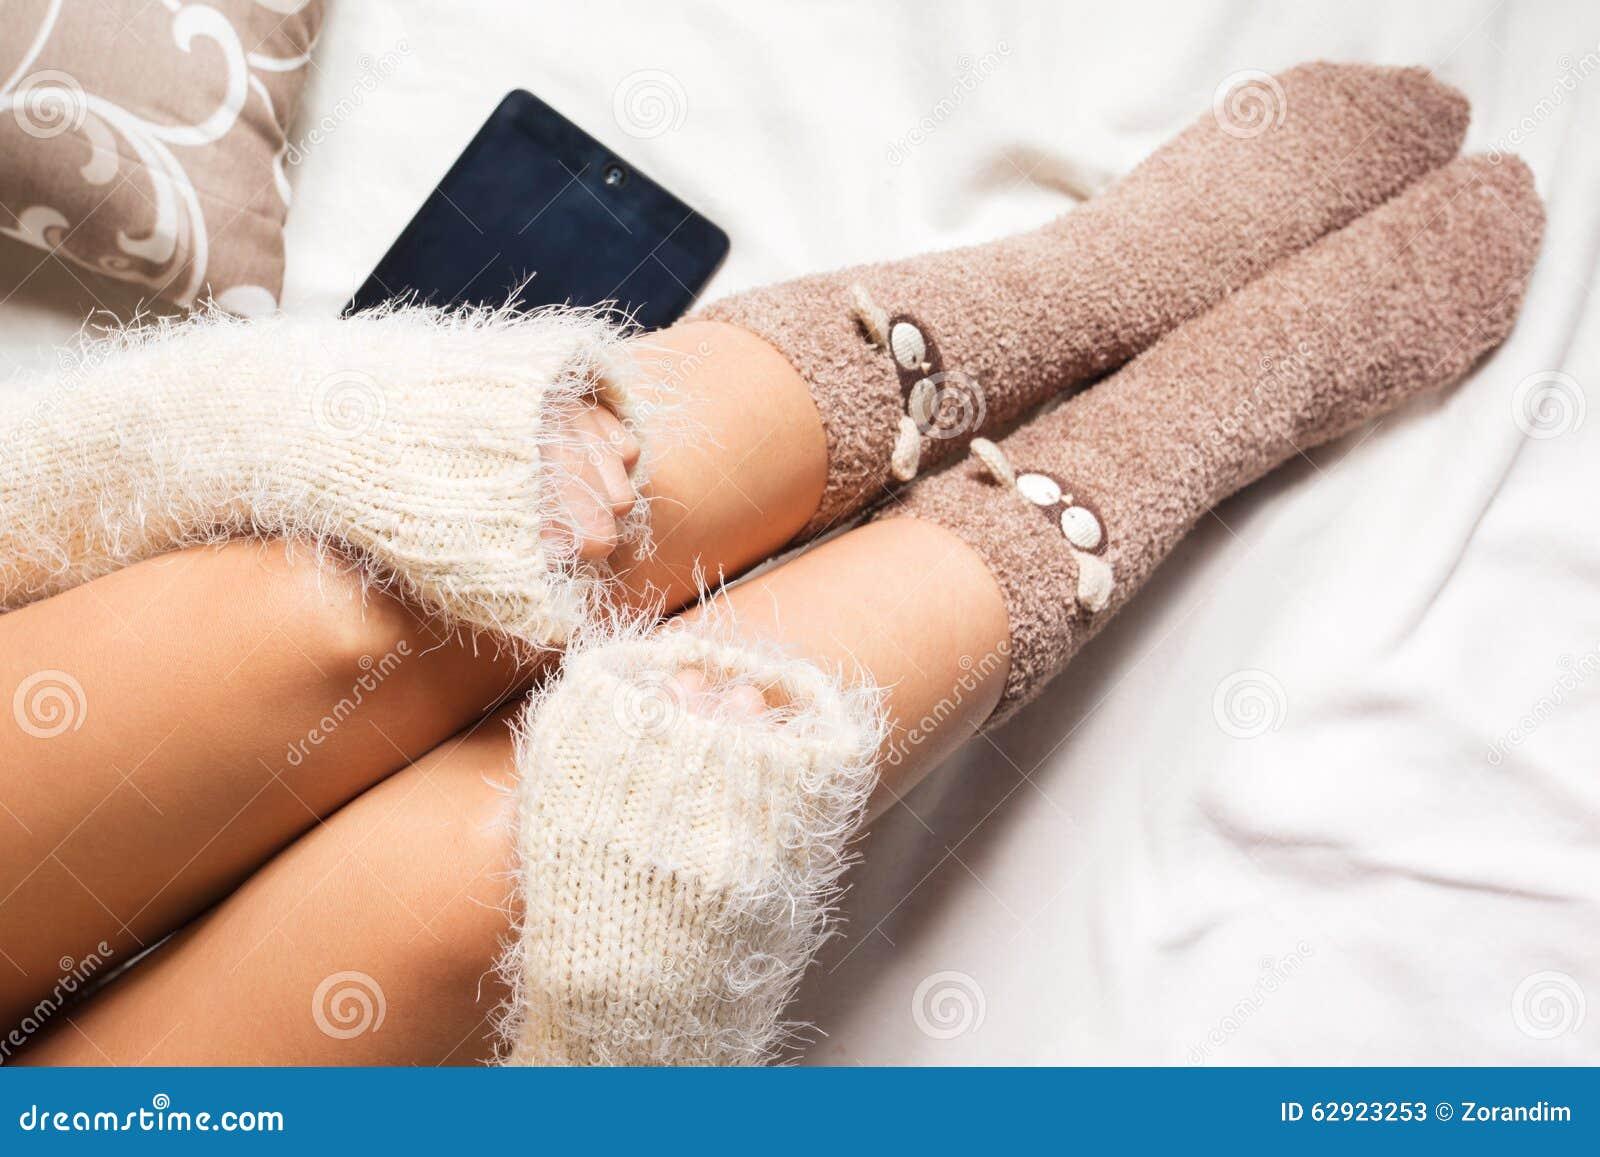 Девушки ножки носкaх фото